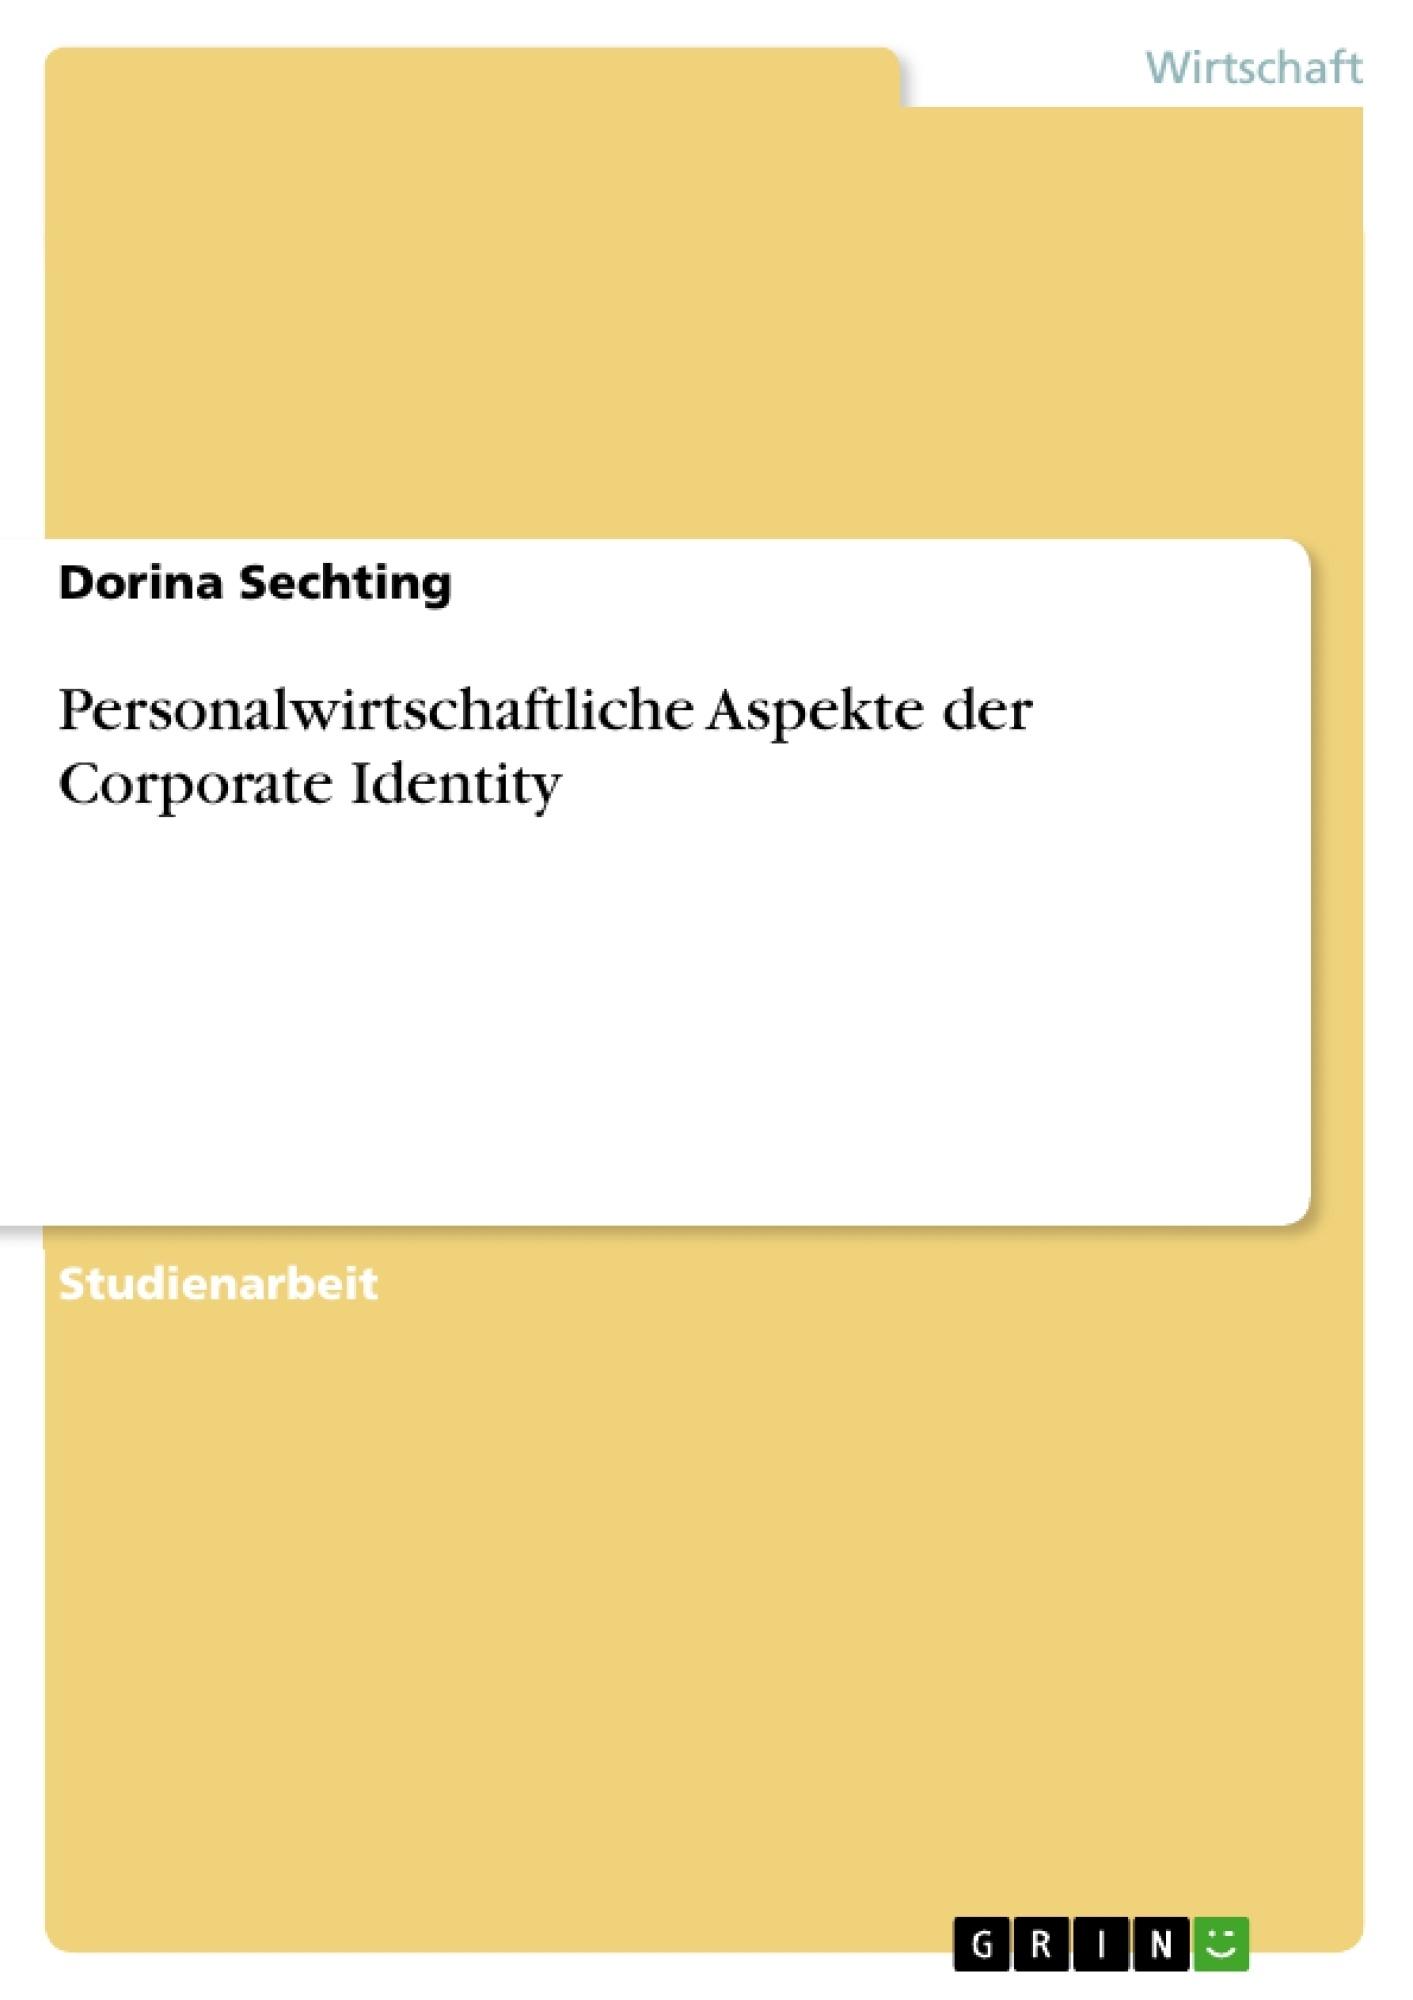 Titel: Personalwirtschaftliche Aspekte der Corporate Identity